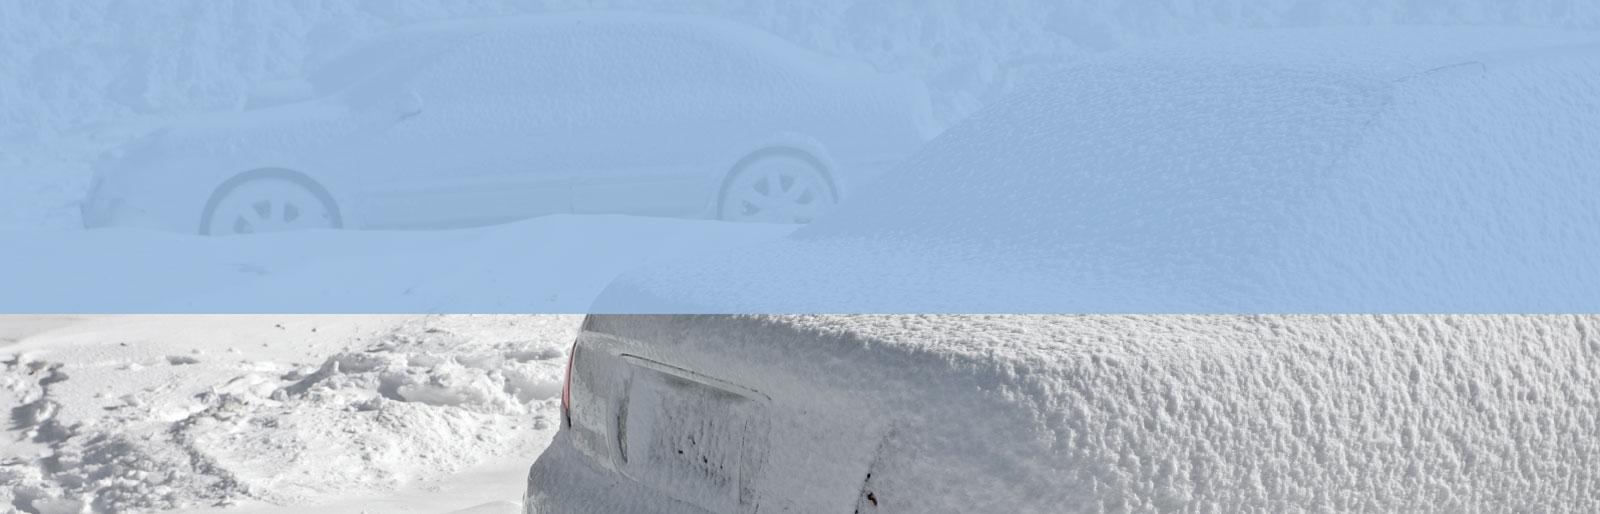 prodotti-freddo-gelo-adriatica-asfalti